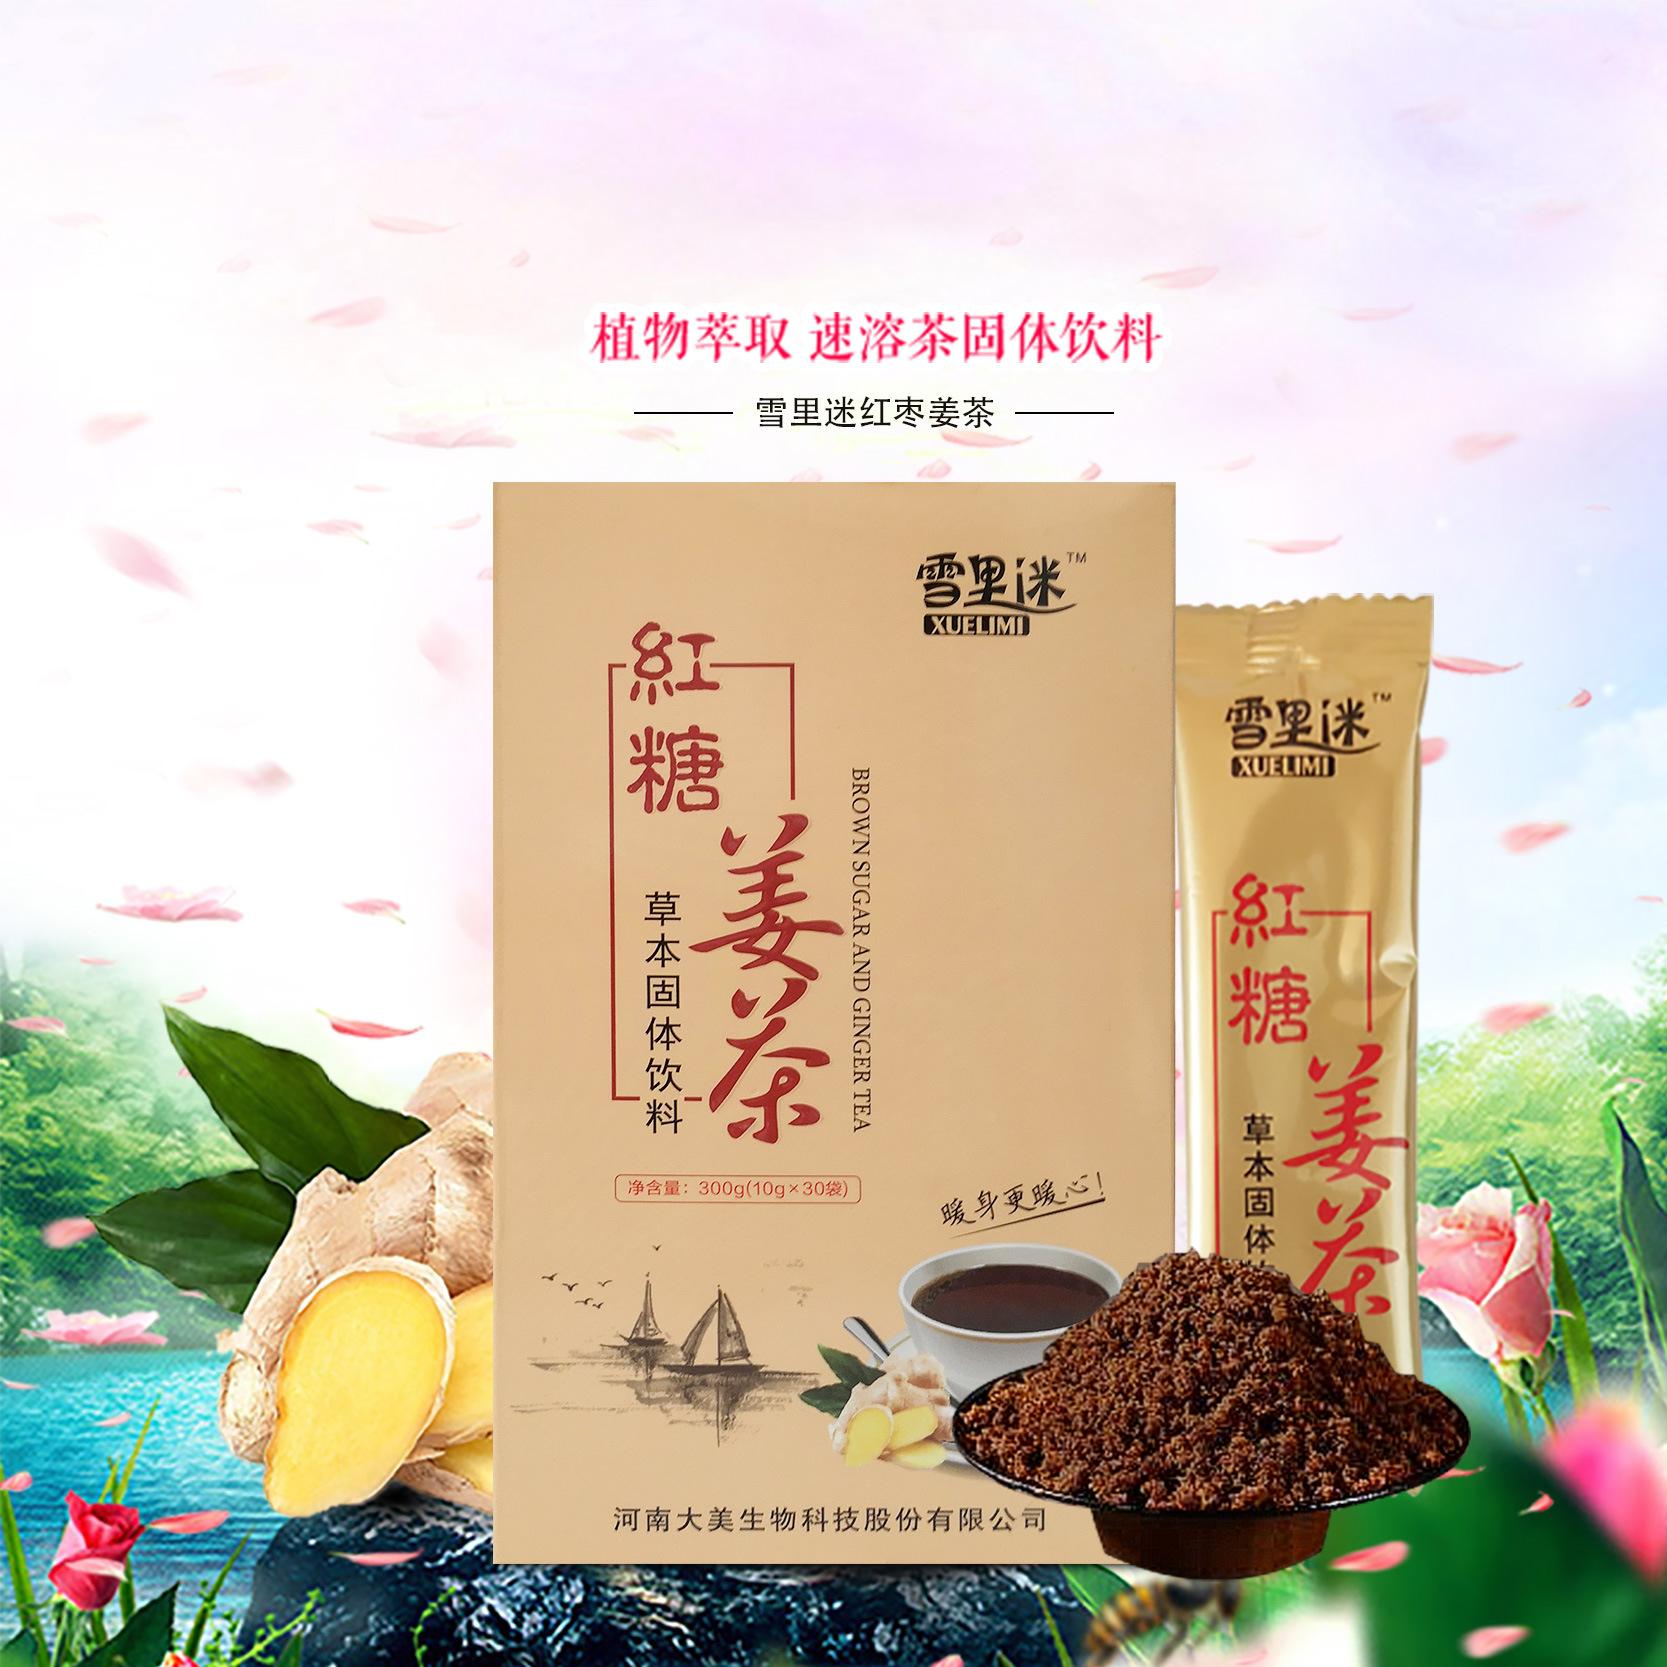 广东红糖姜茶代加工加盟 固体饮料oem贴牌工厂-河南大美